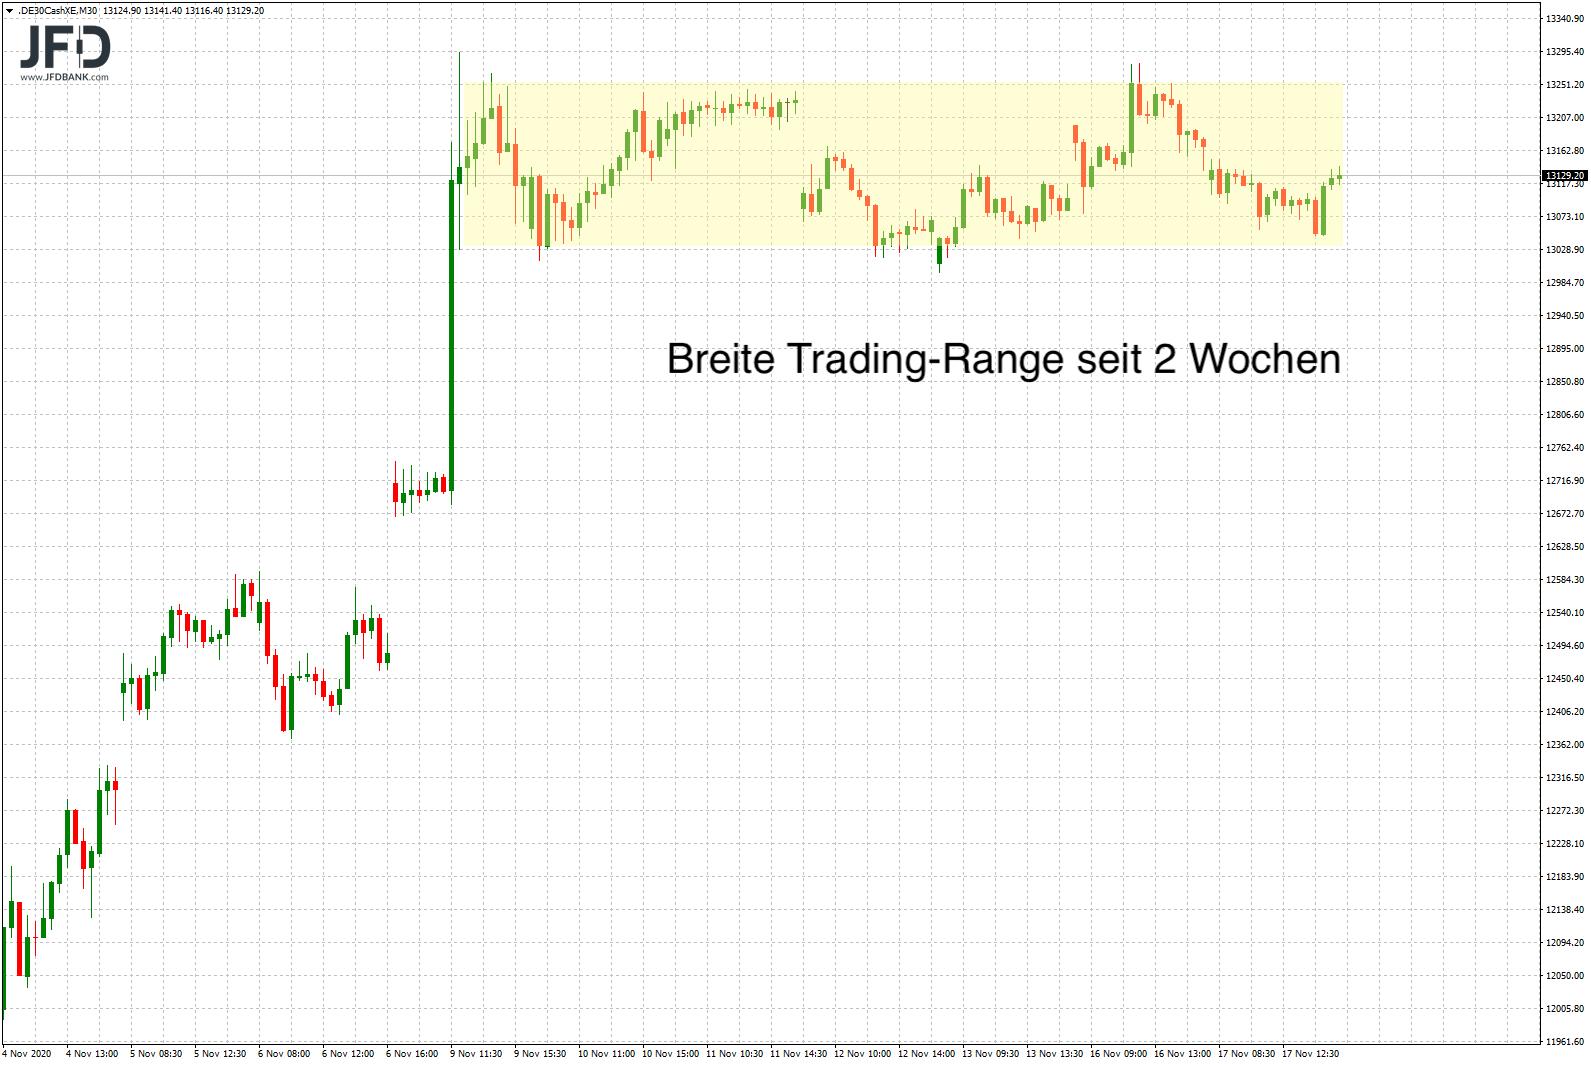 Trading-Range der letzten beiden Wochen